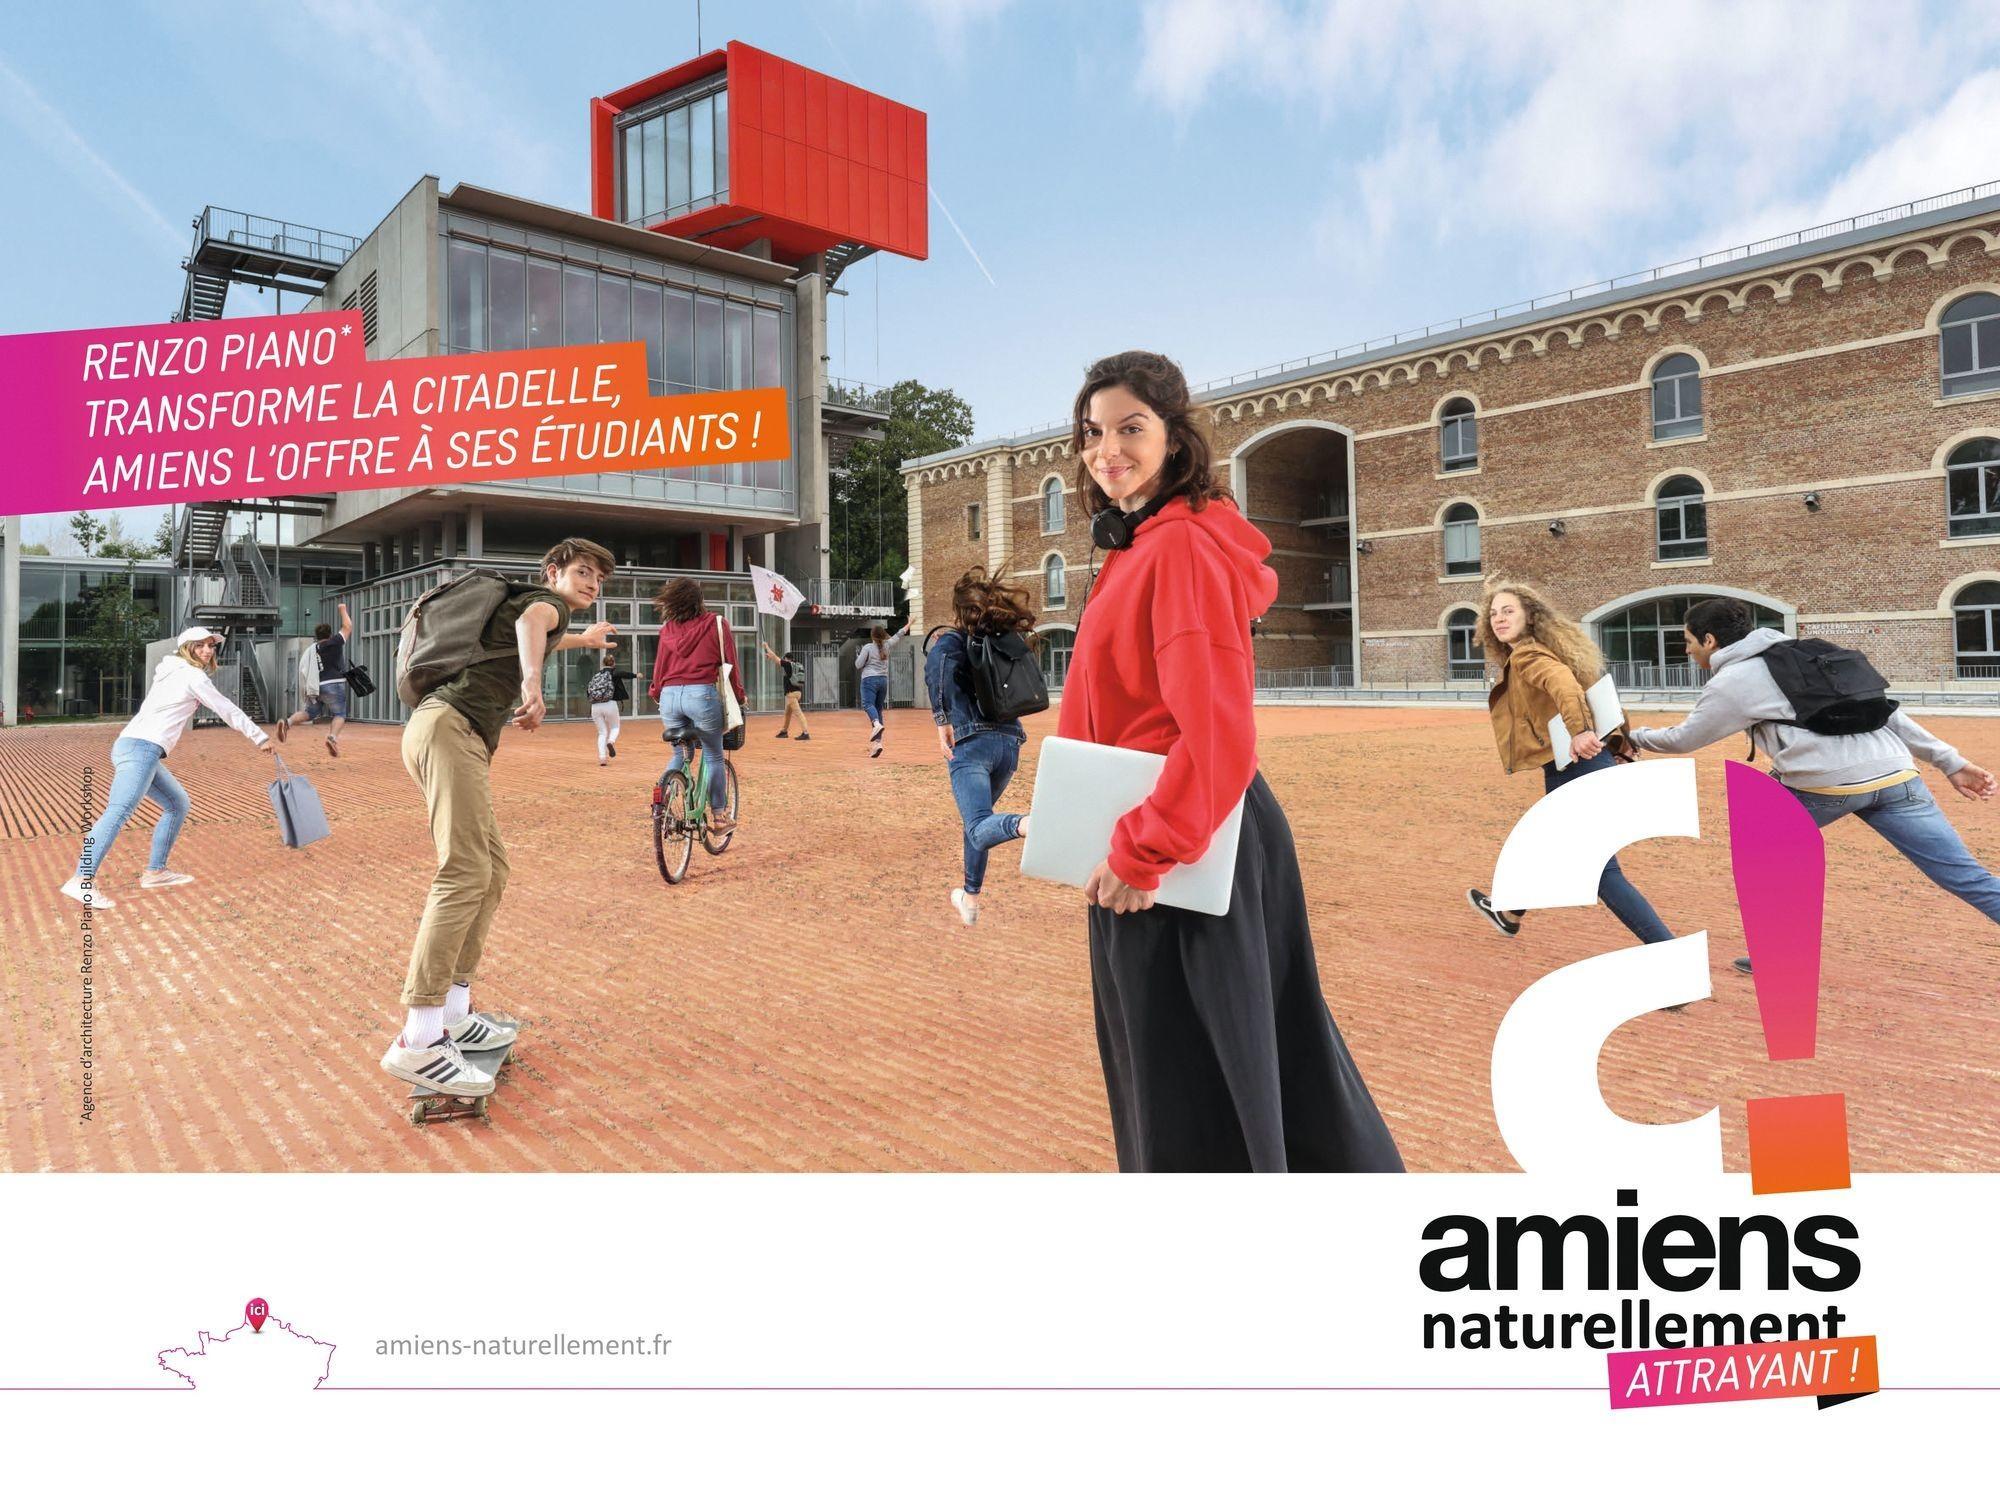 Campagne de marketing territorial de la métropole d'Amiens : Renzo Piano transforme la citadelle